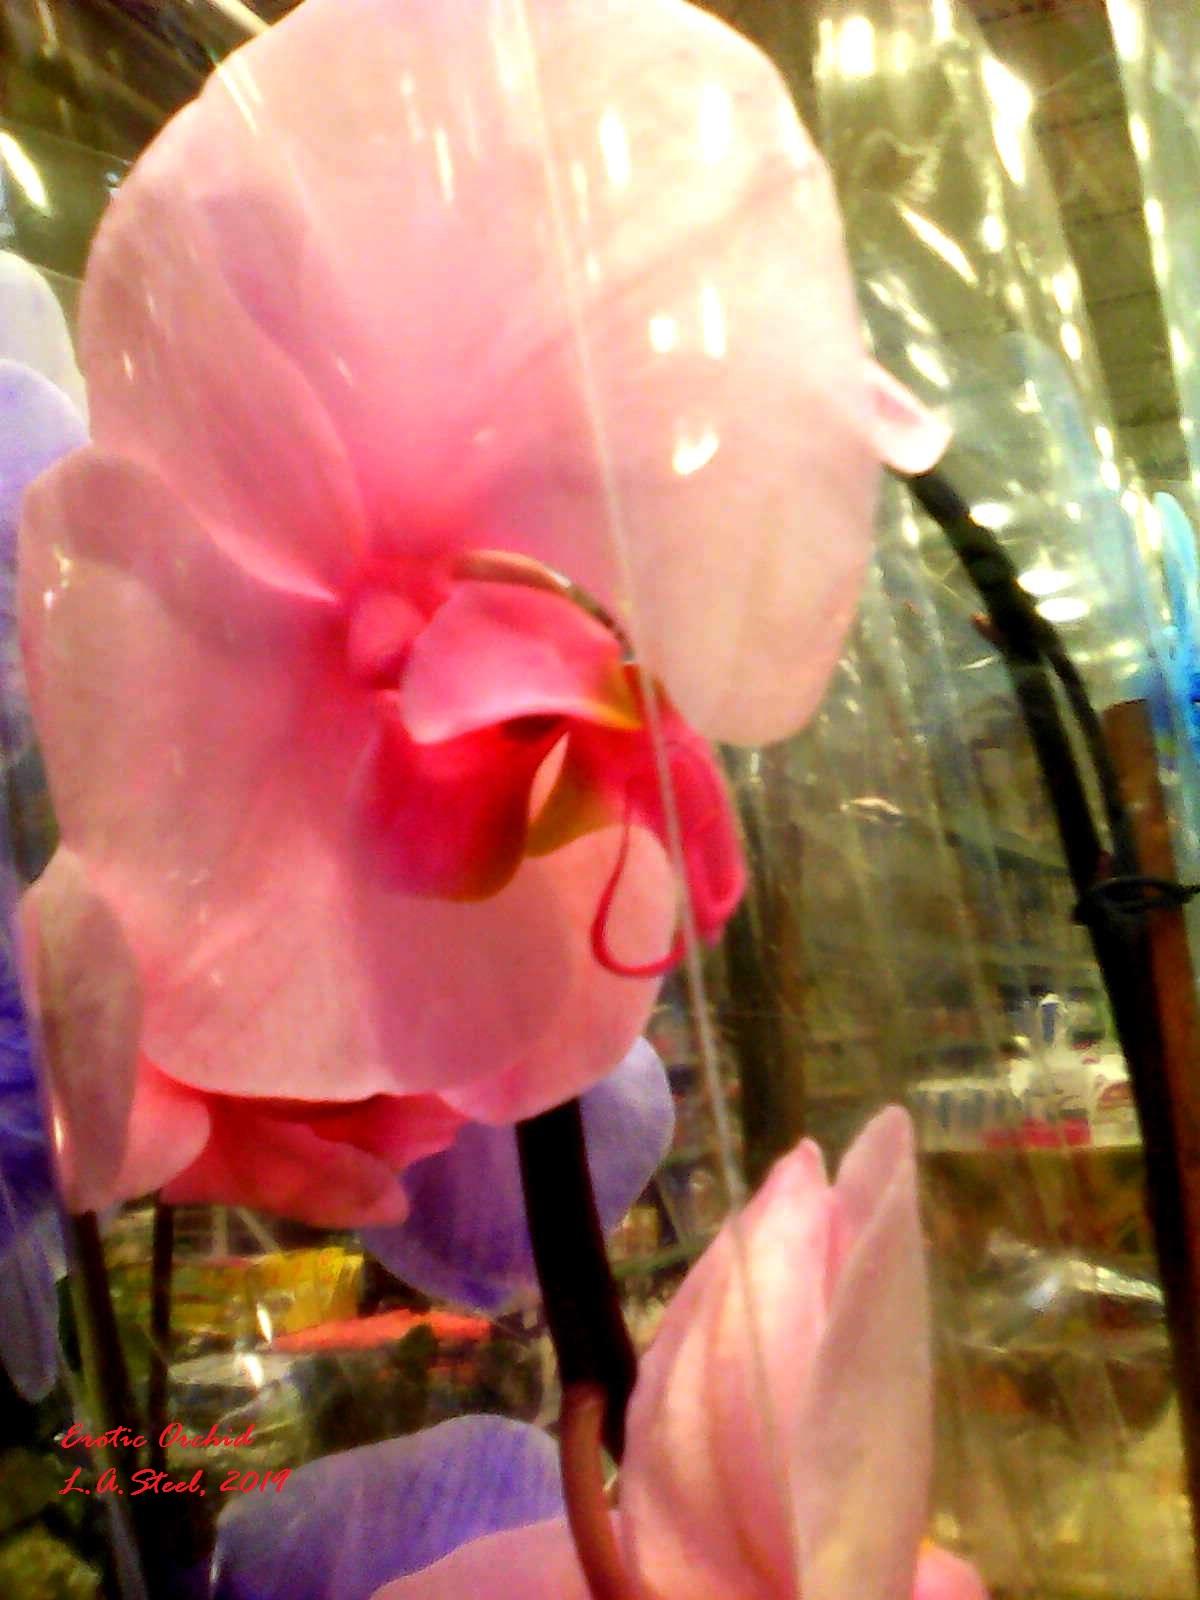 erotic orchid 2019